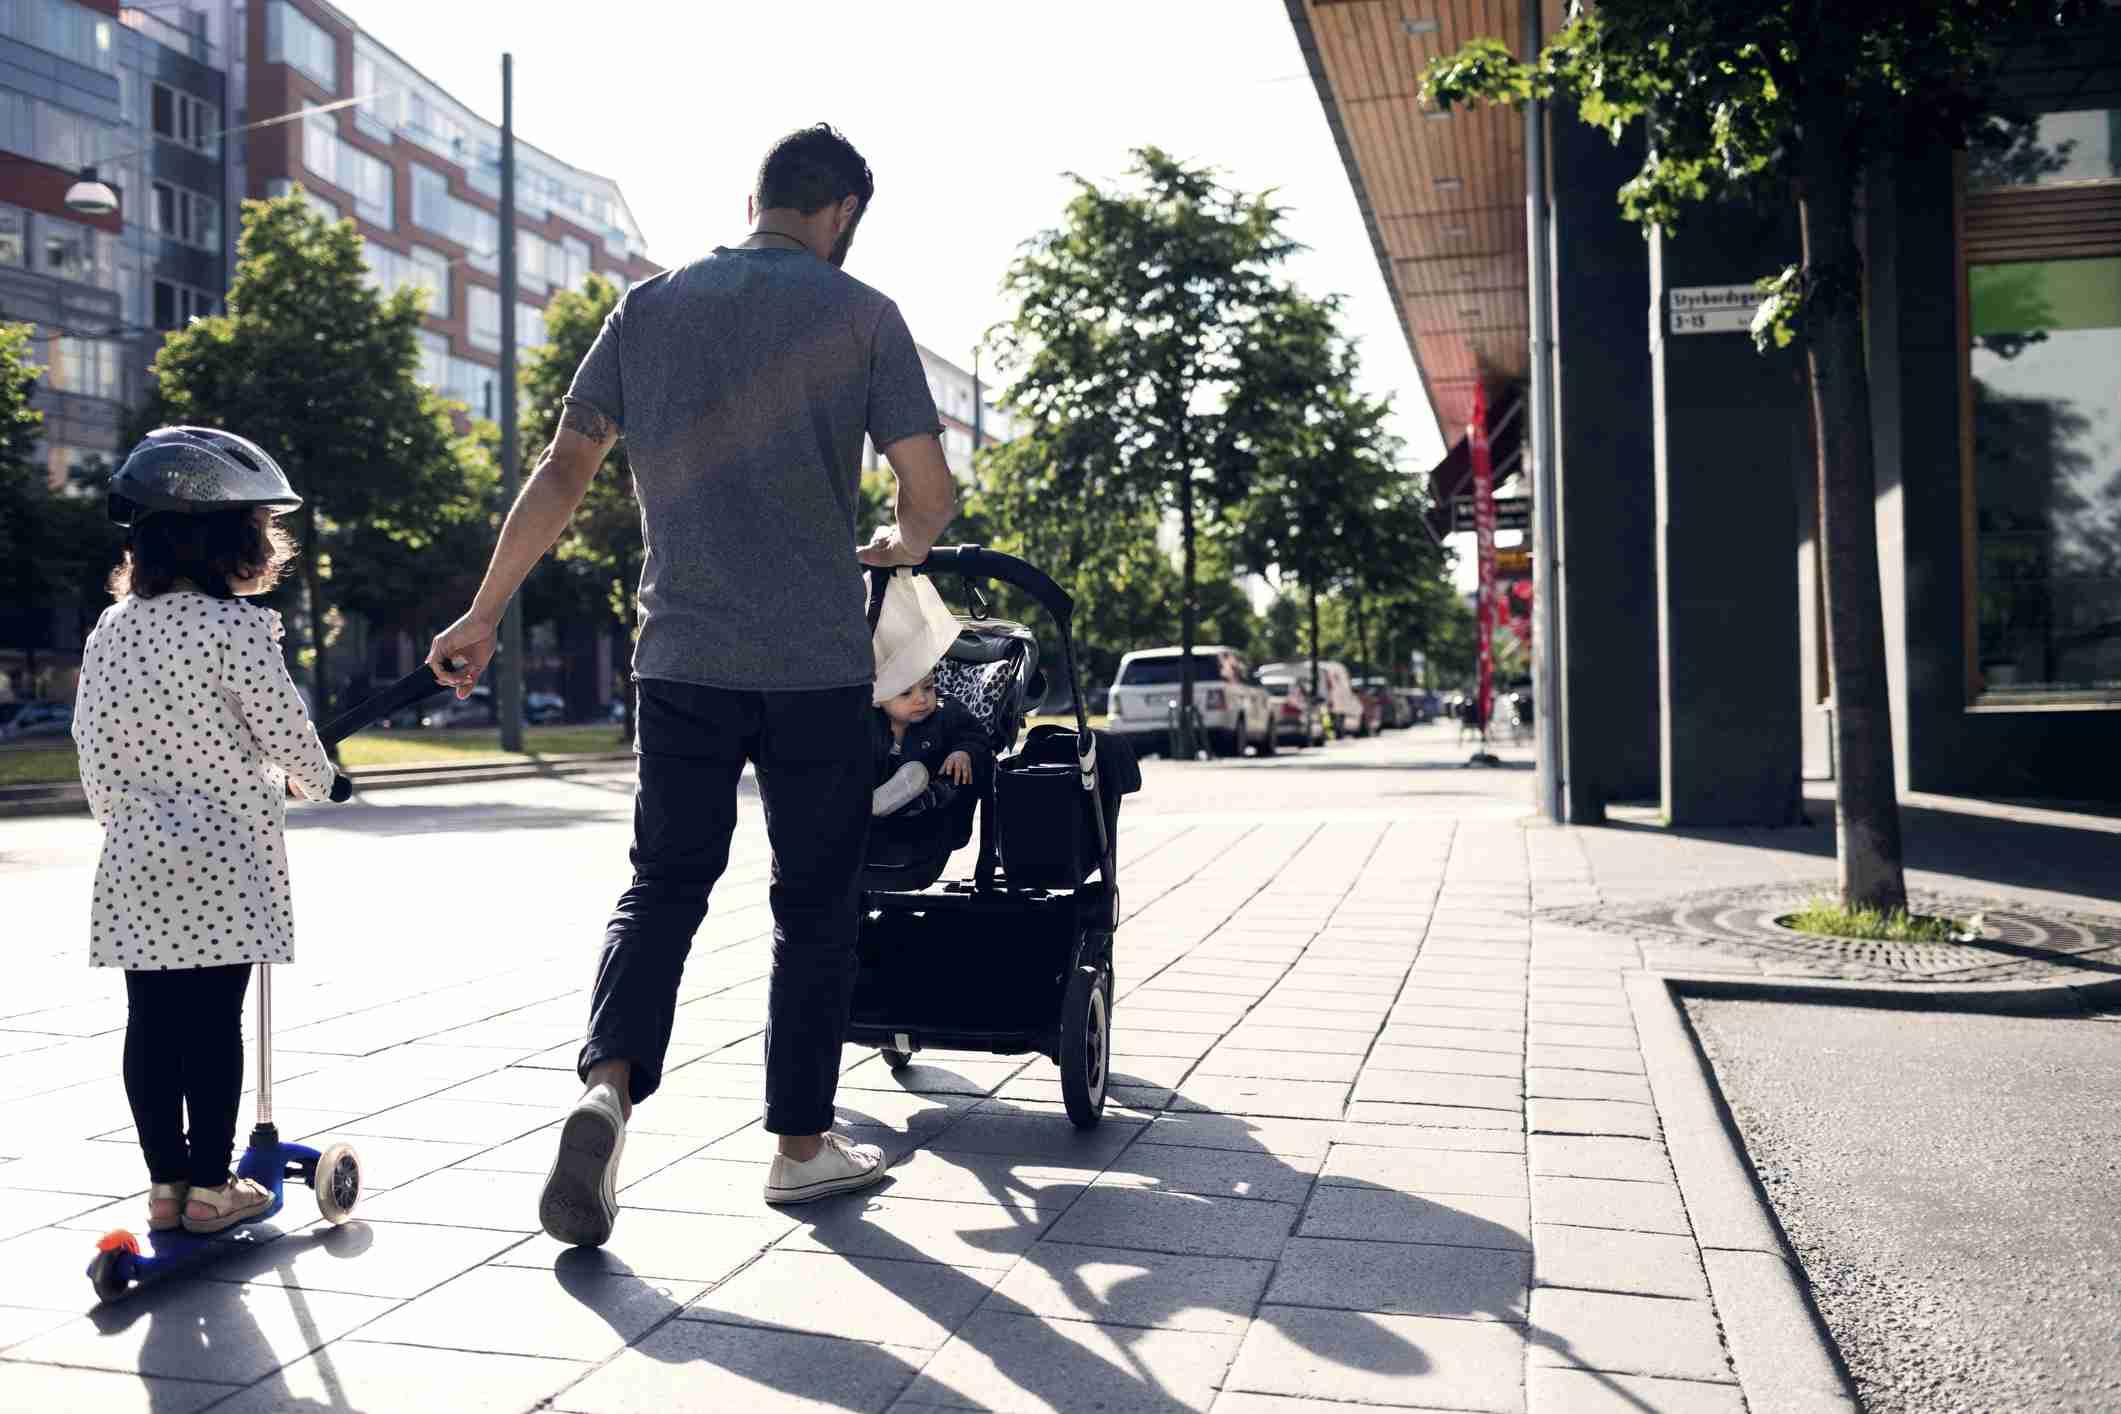 padre caminando con hijos